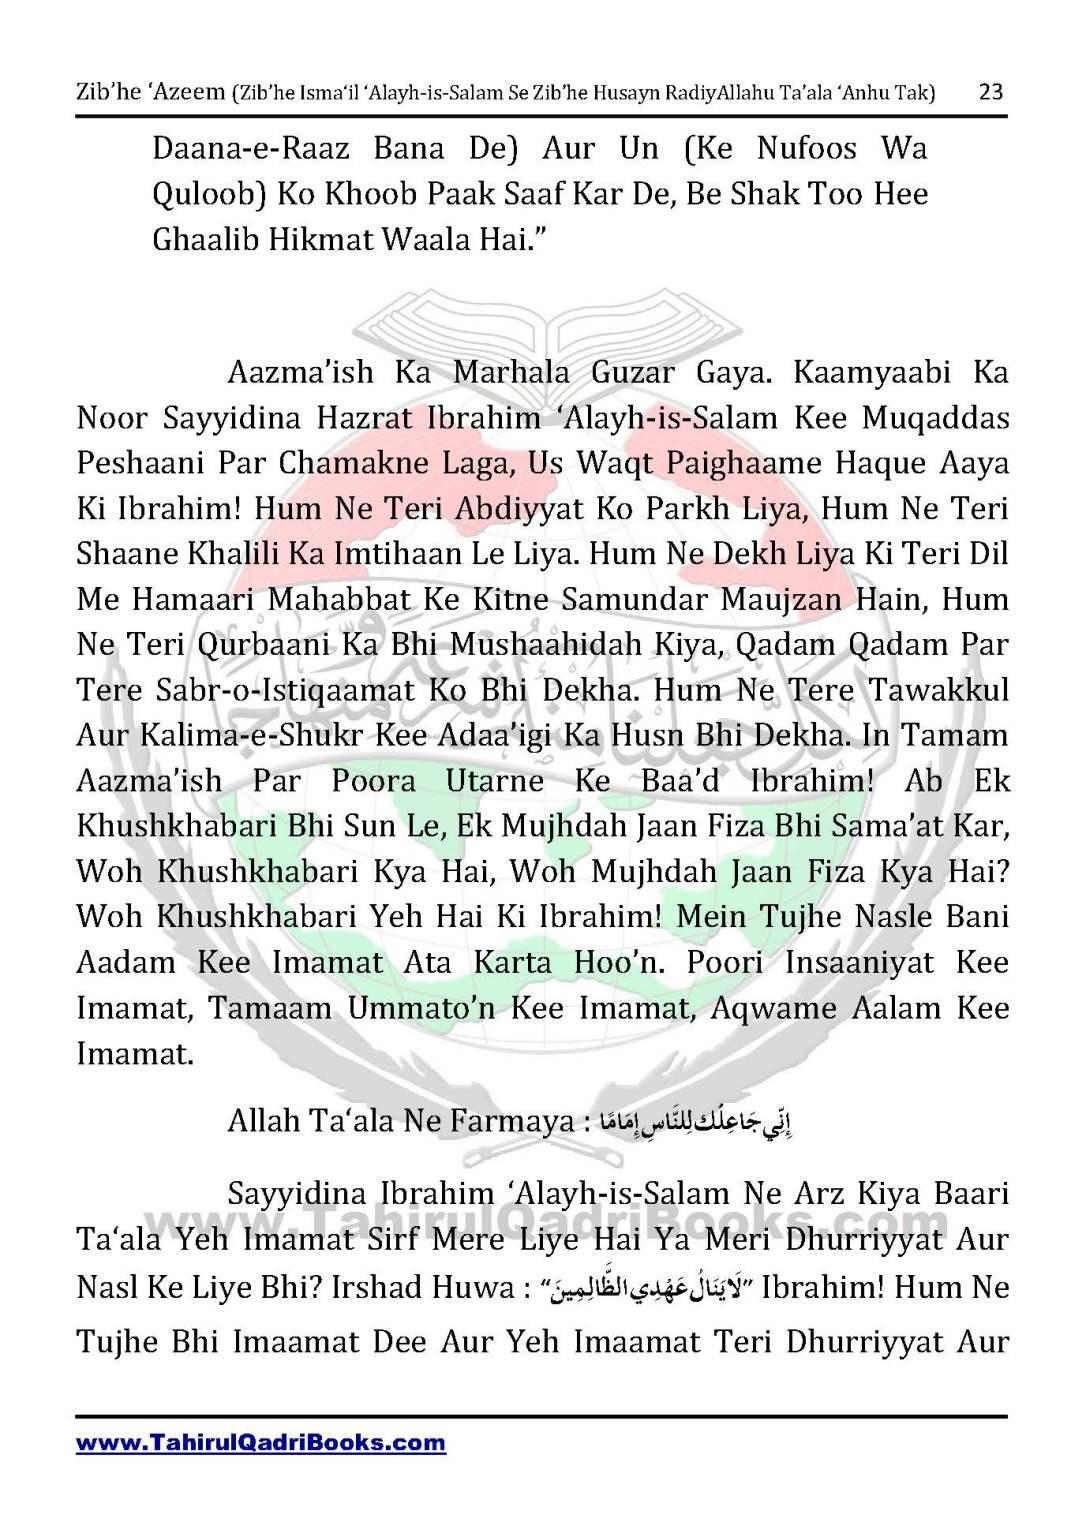 zib_he-e28098azeem-zib_he-ismacabbil-se-zib_he-husayn-tak-in-roman-urdu-unlocked_Page_023